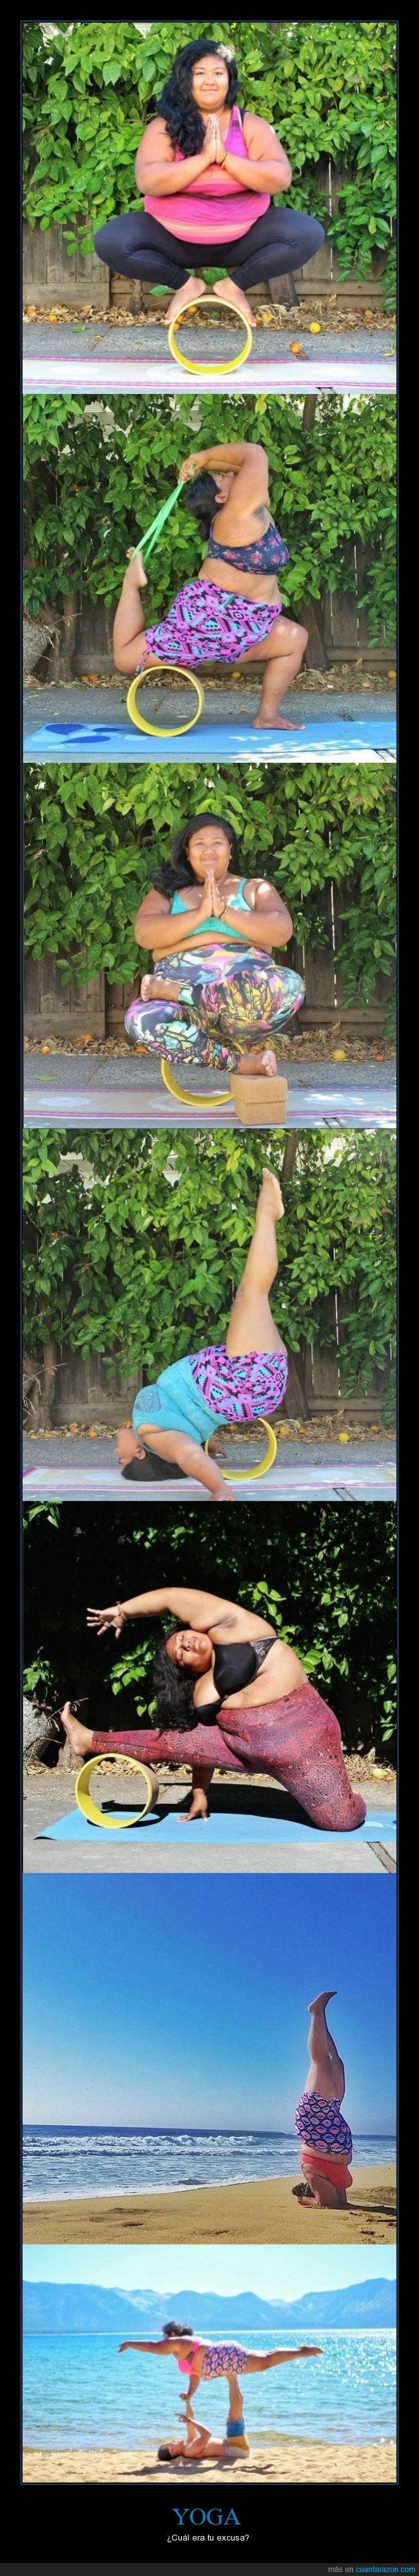 ejercicio,energía,mente,peso,sobrepeso,valerie sagun,yoga